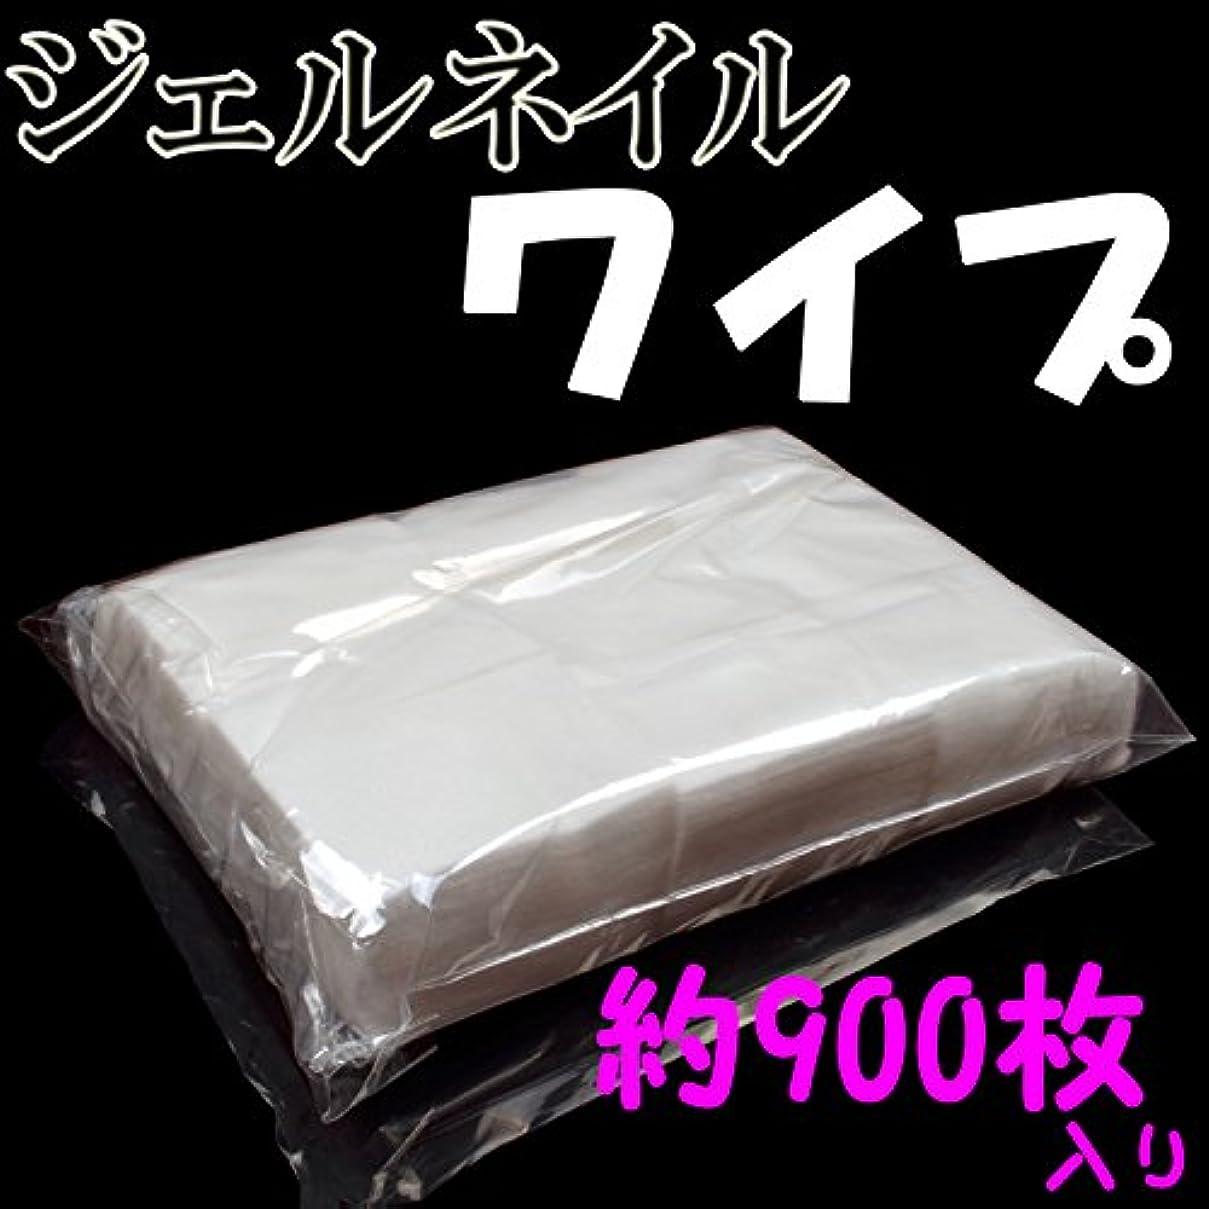 回答ナンセンス汚すジェルネイル ワイプ コットン 約900枚 未硬化ジェルの拭き取りに (ソフトタイプ)